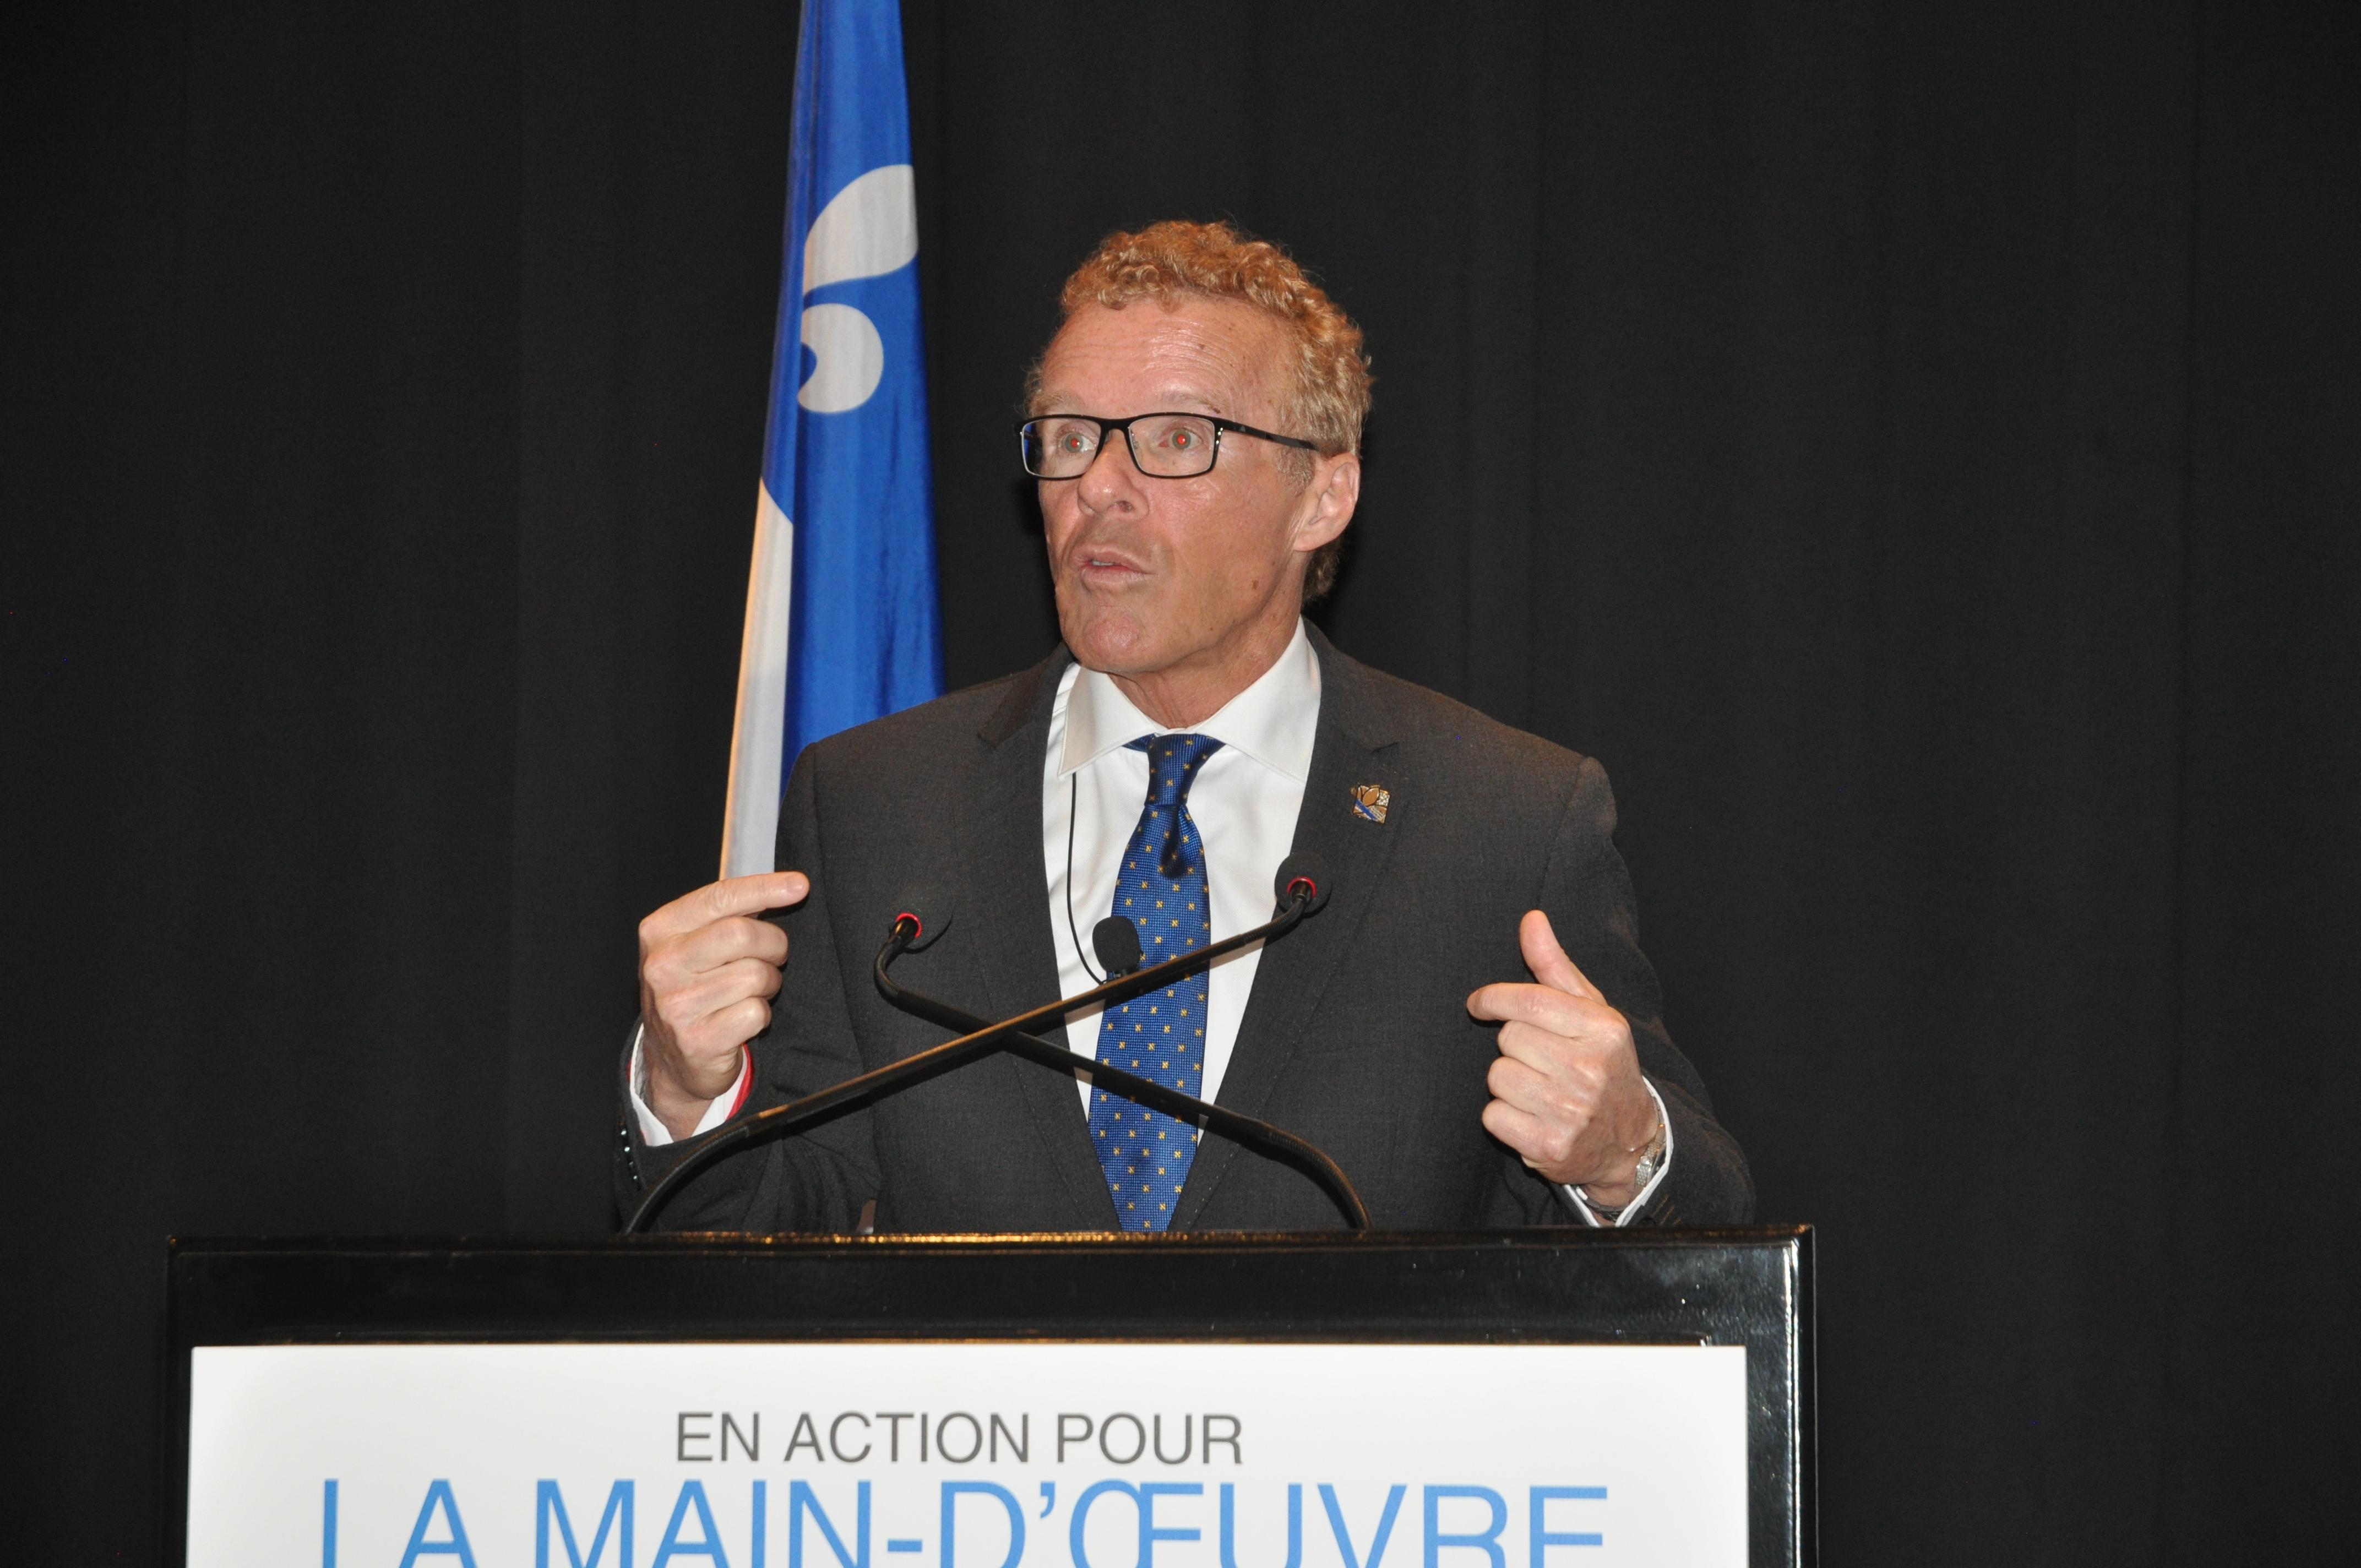 Jean Boulet